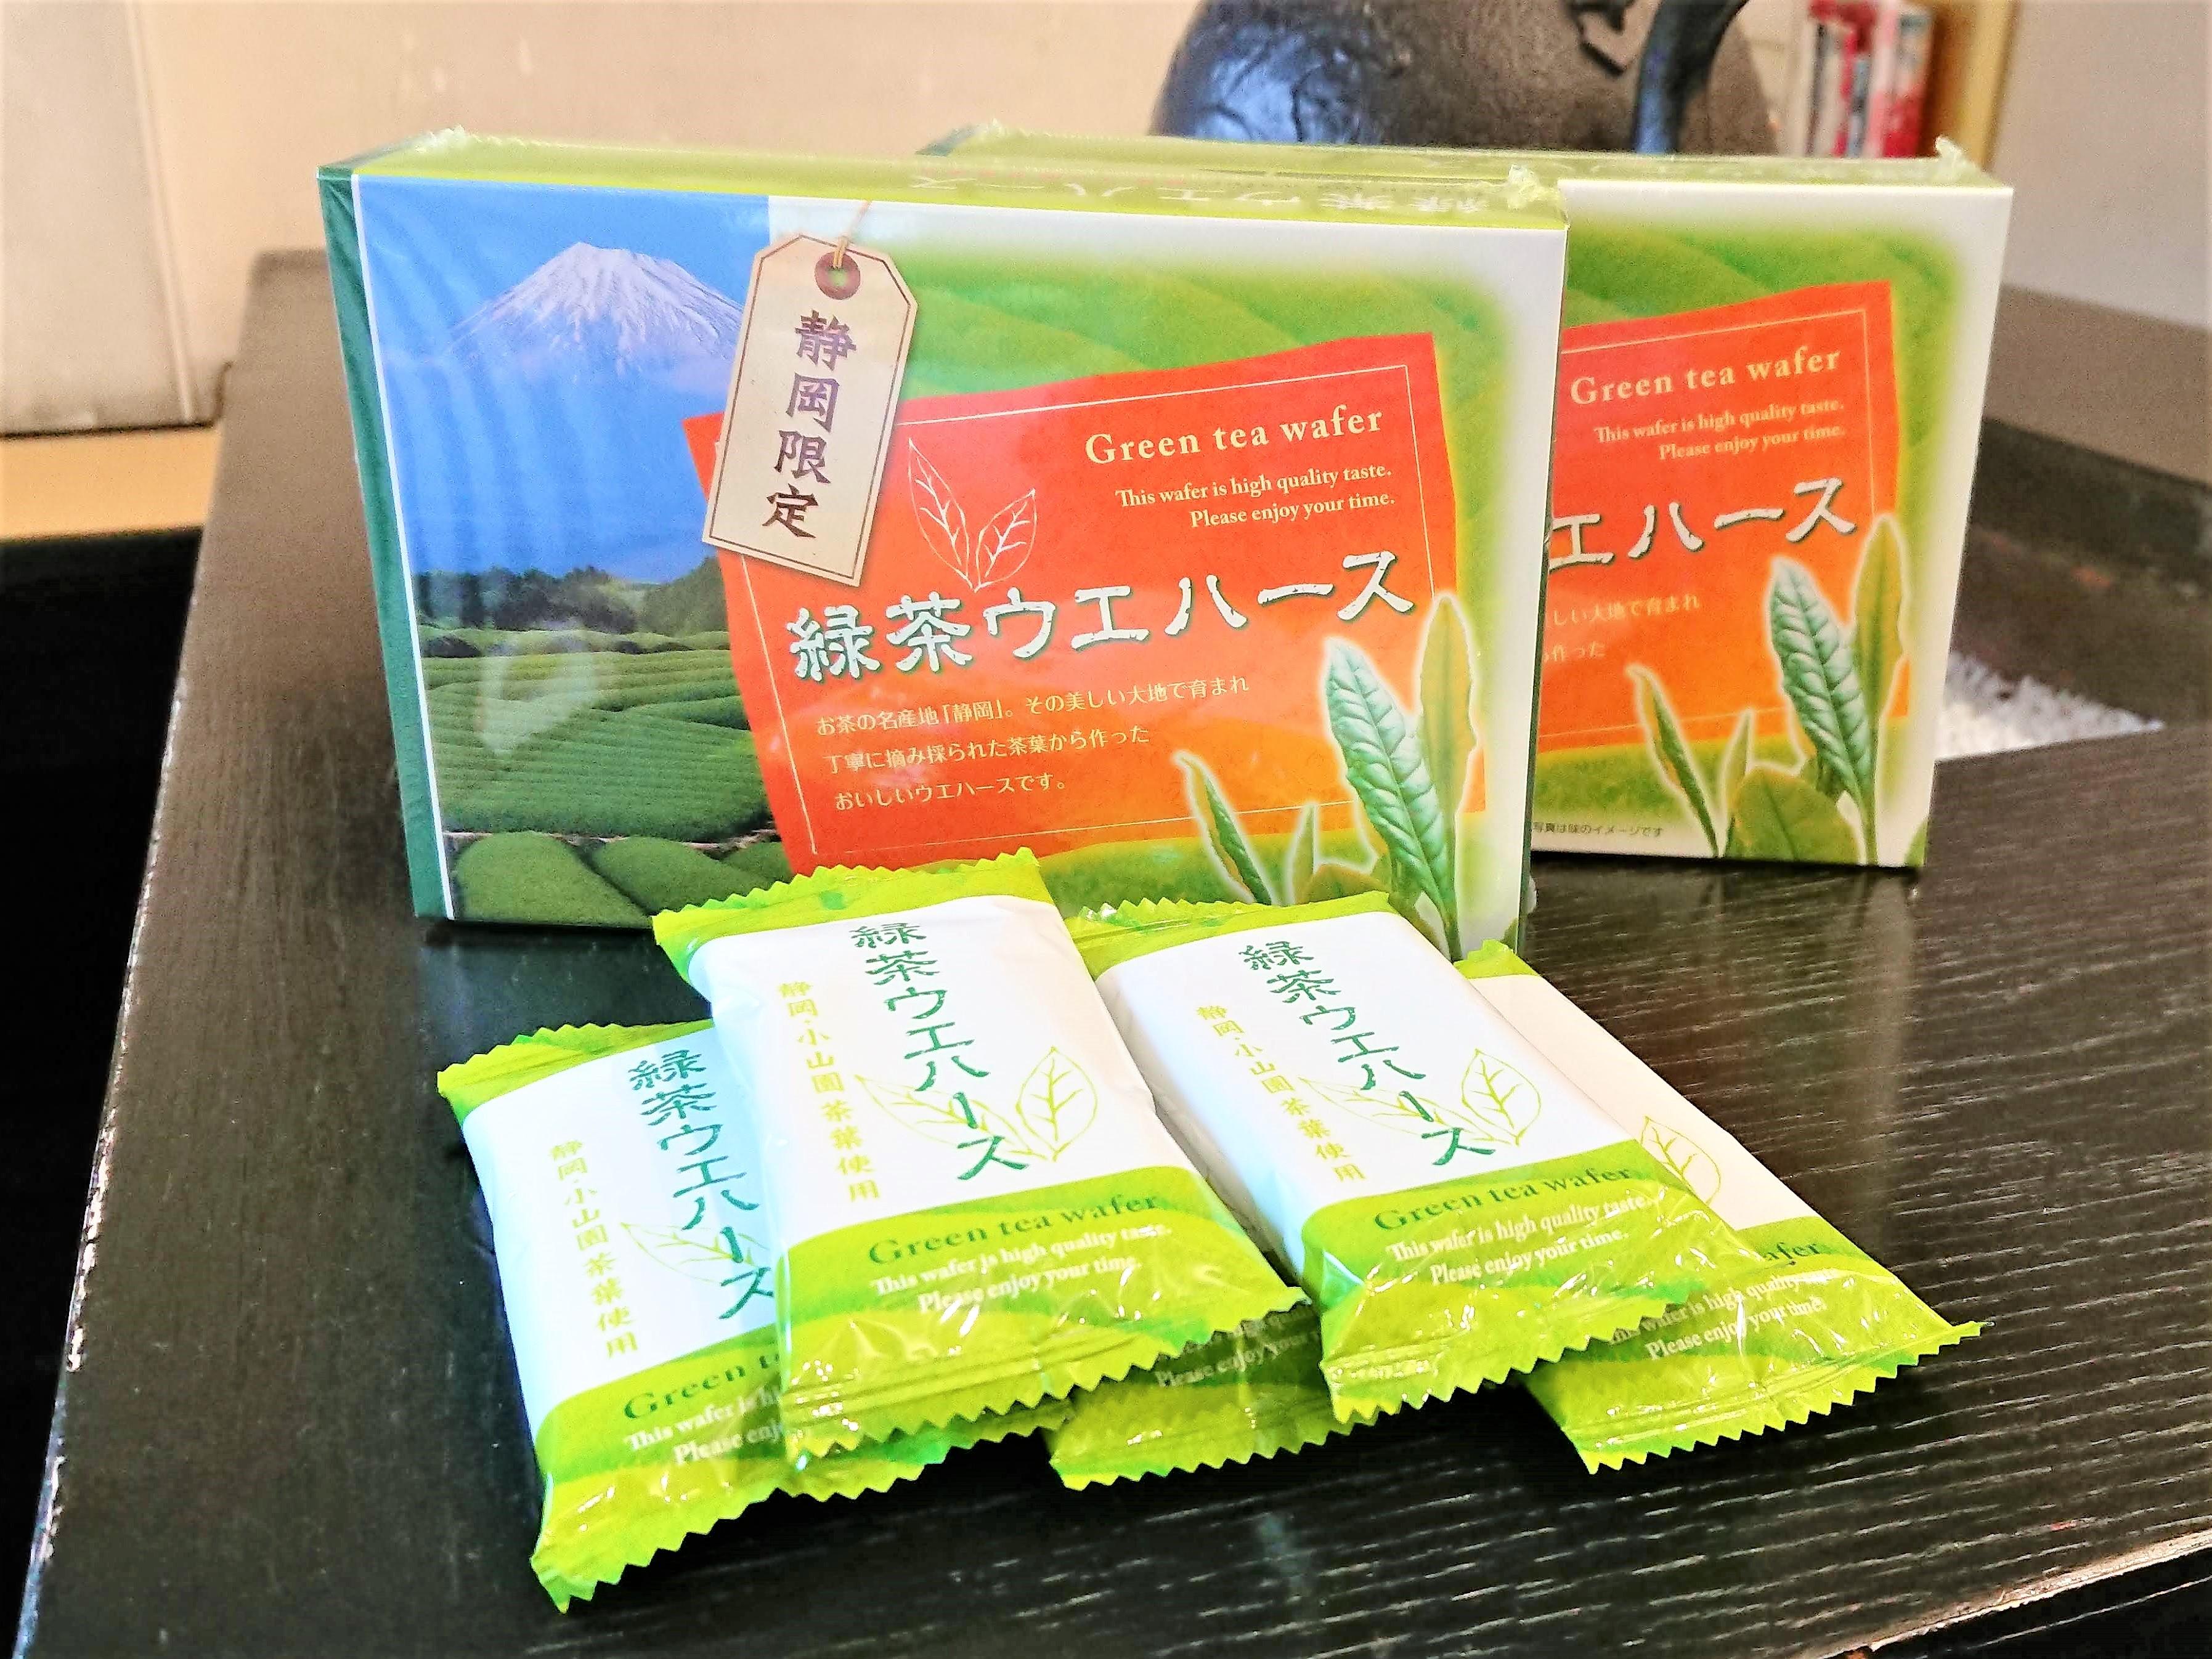 静岡産の緑茶が香る 緑茶ウエハース